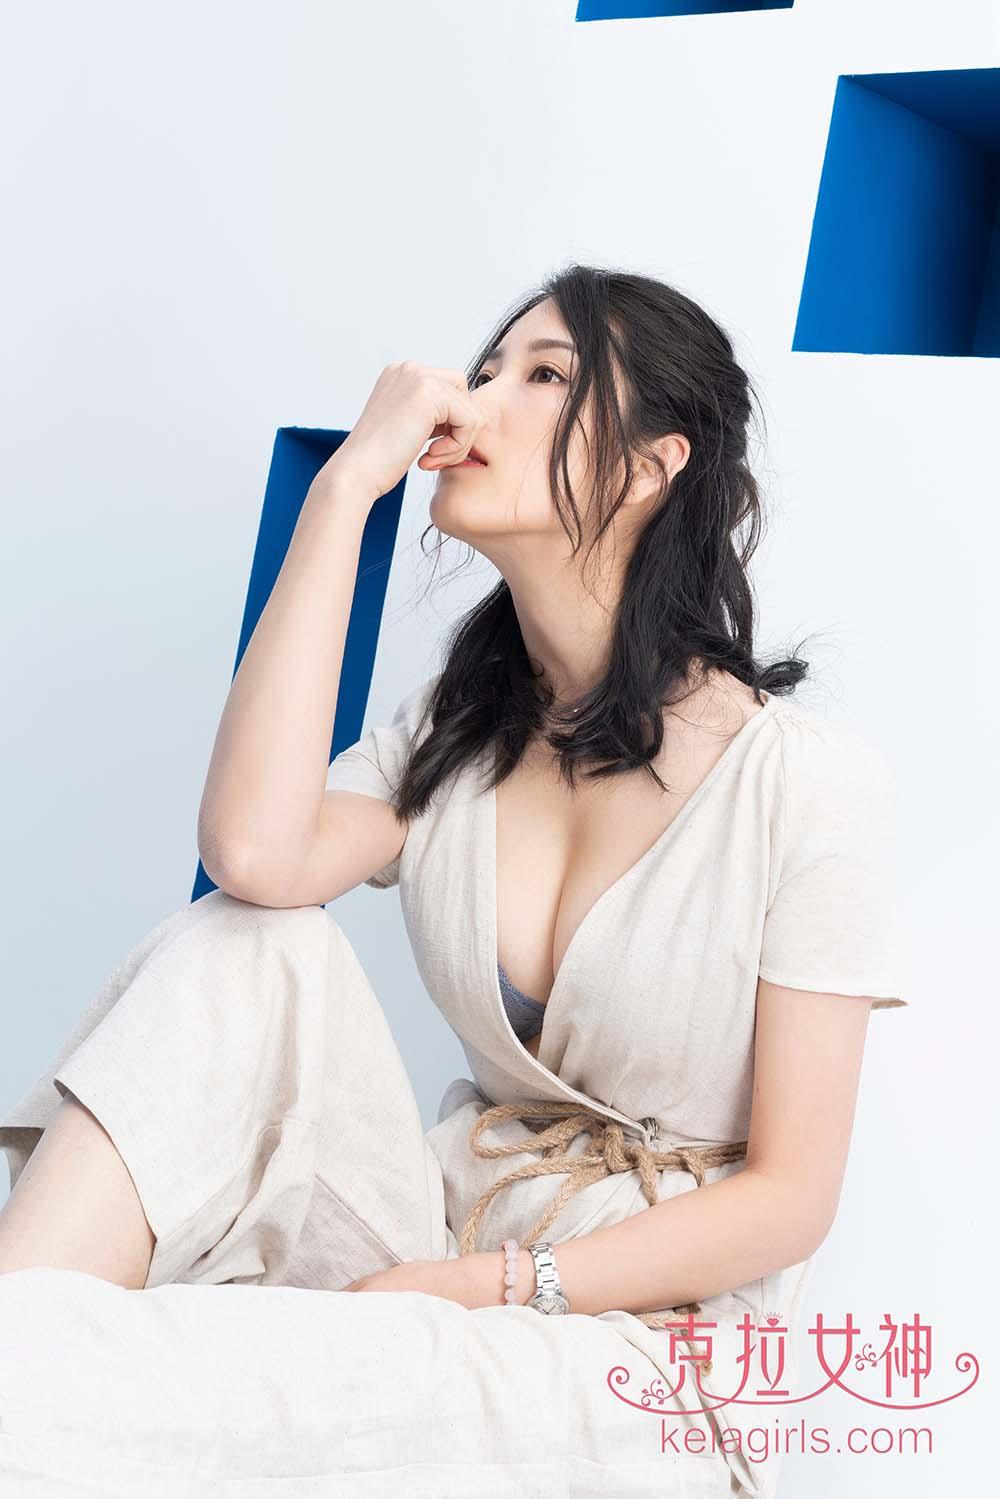 [Kelagirls克拉女神]2020.03.16《兰姿蕙质》王睿[/435MB]